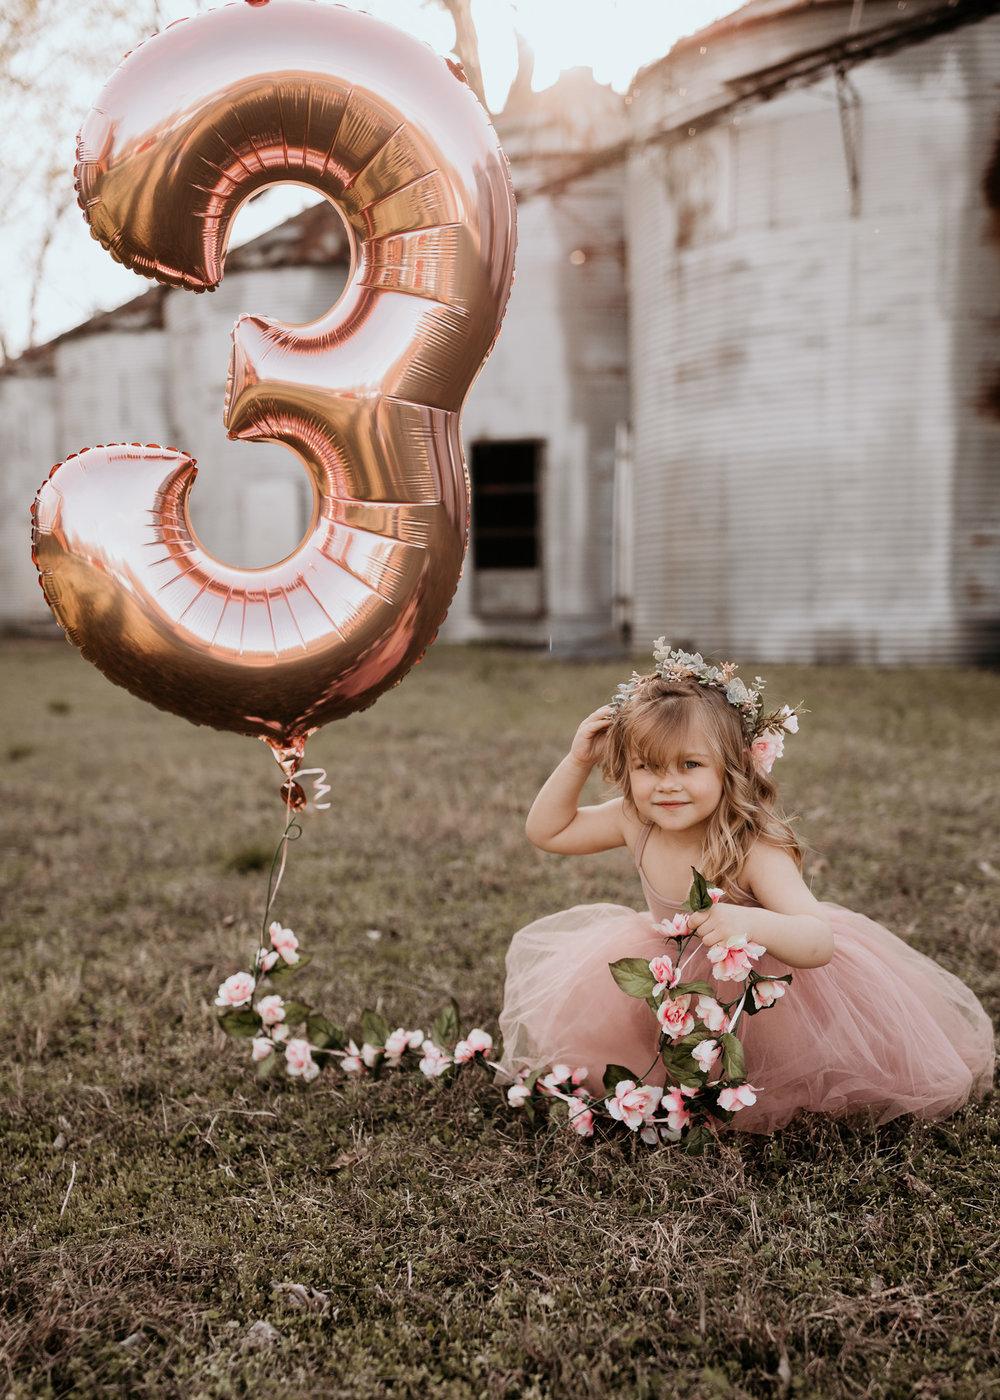 Birthday Girl Sitting in Field